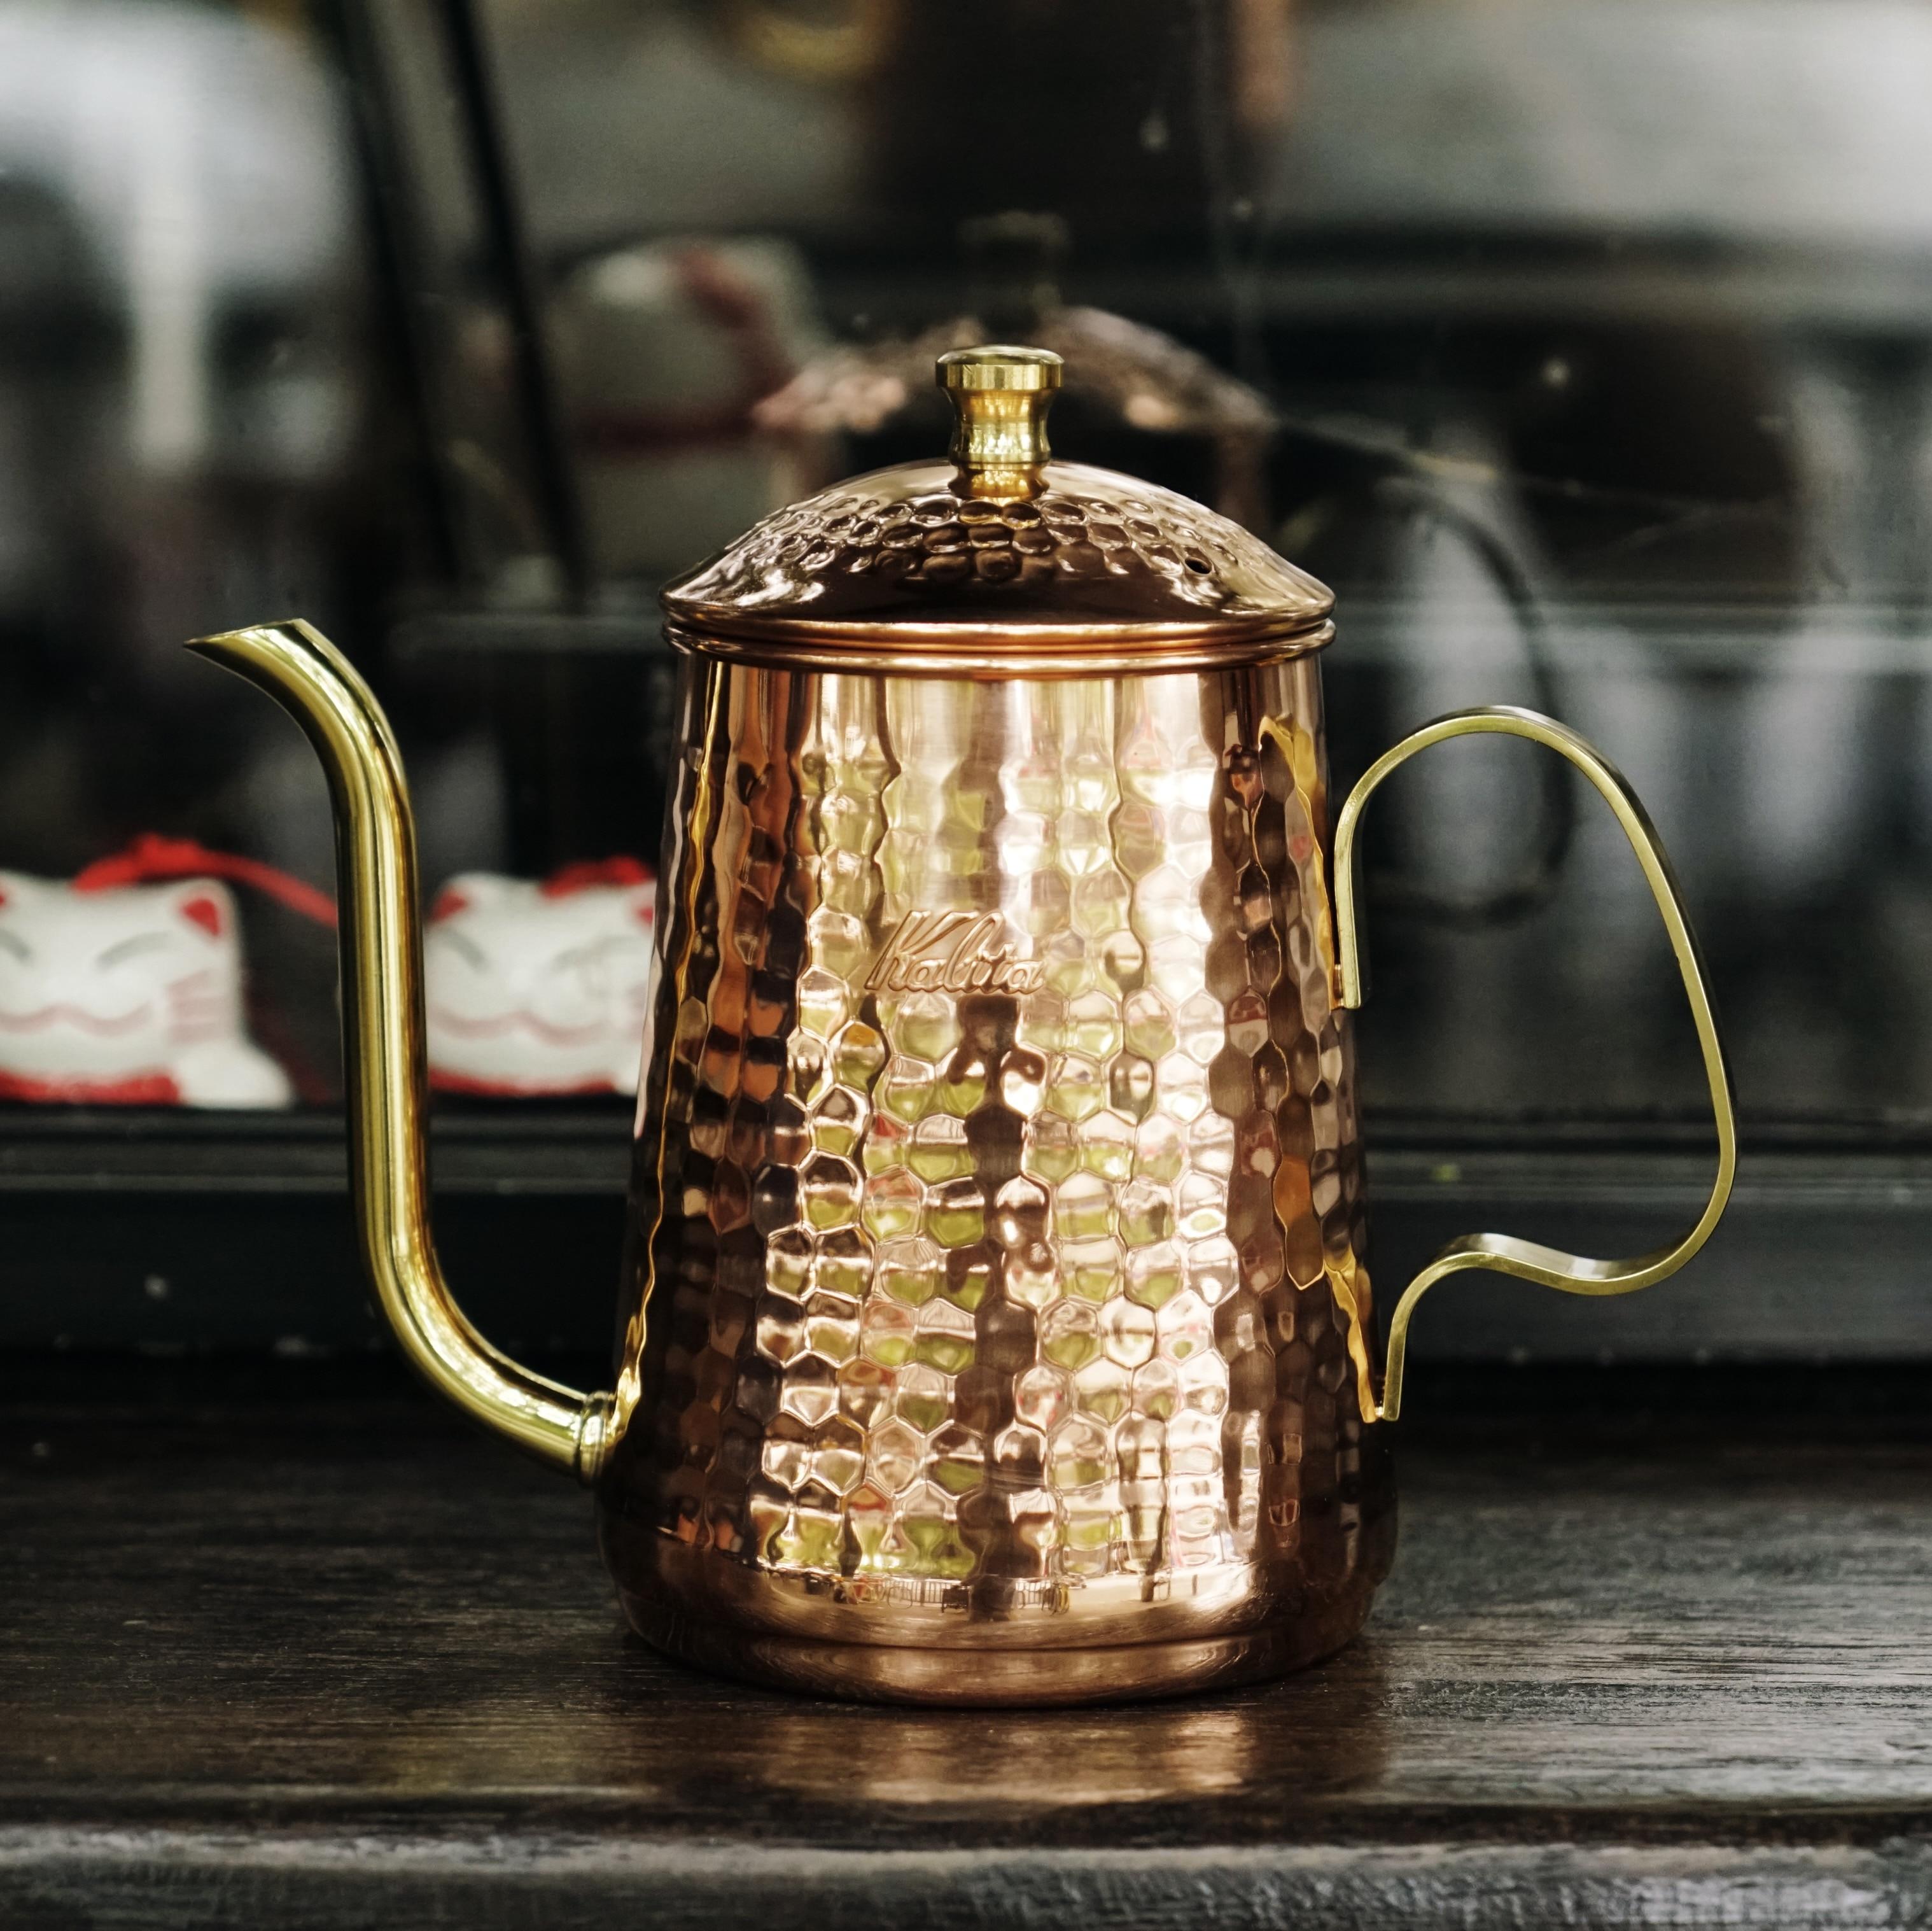 Японский Калита медный кофе капельница горшок ретро медный чайник классический японский ручной молоток шаблон кофейник